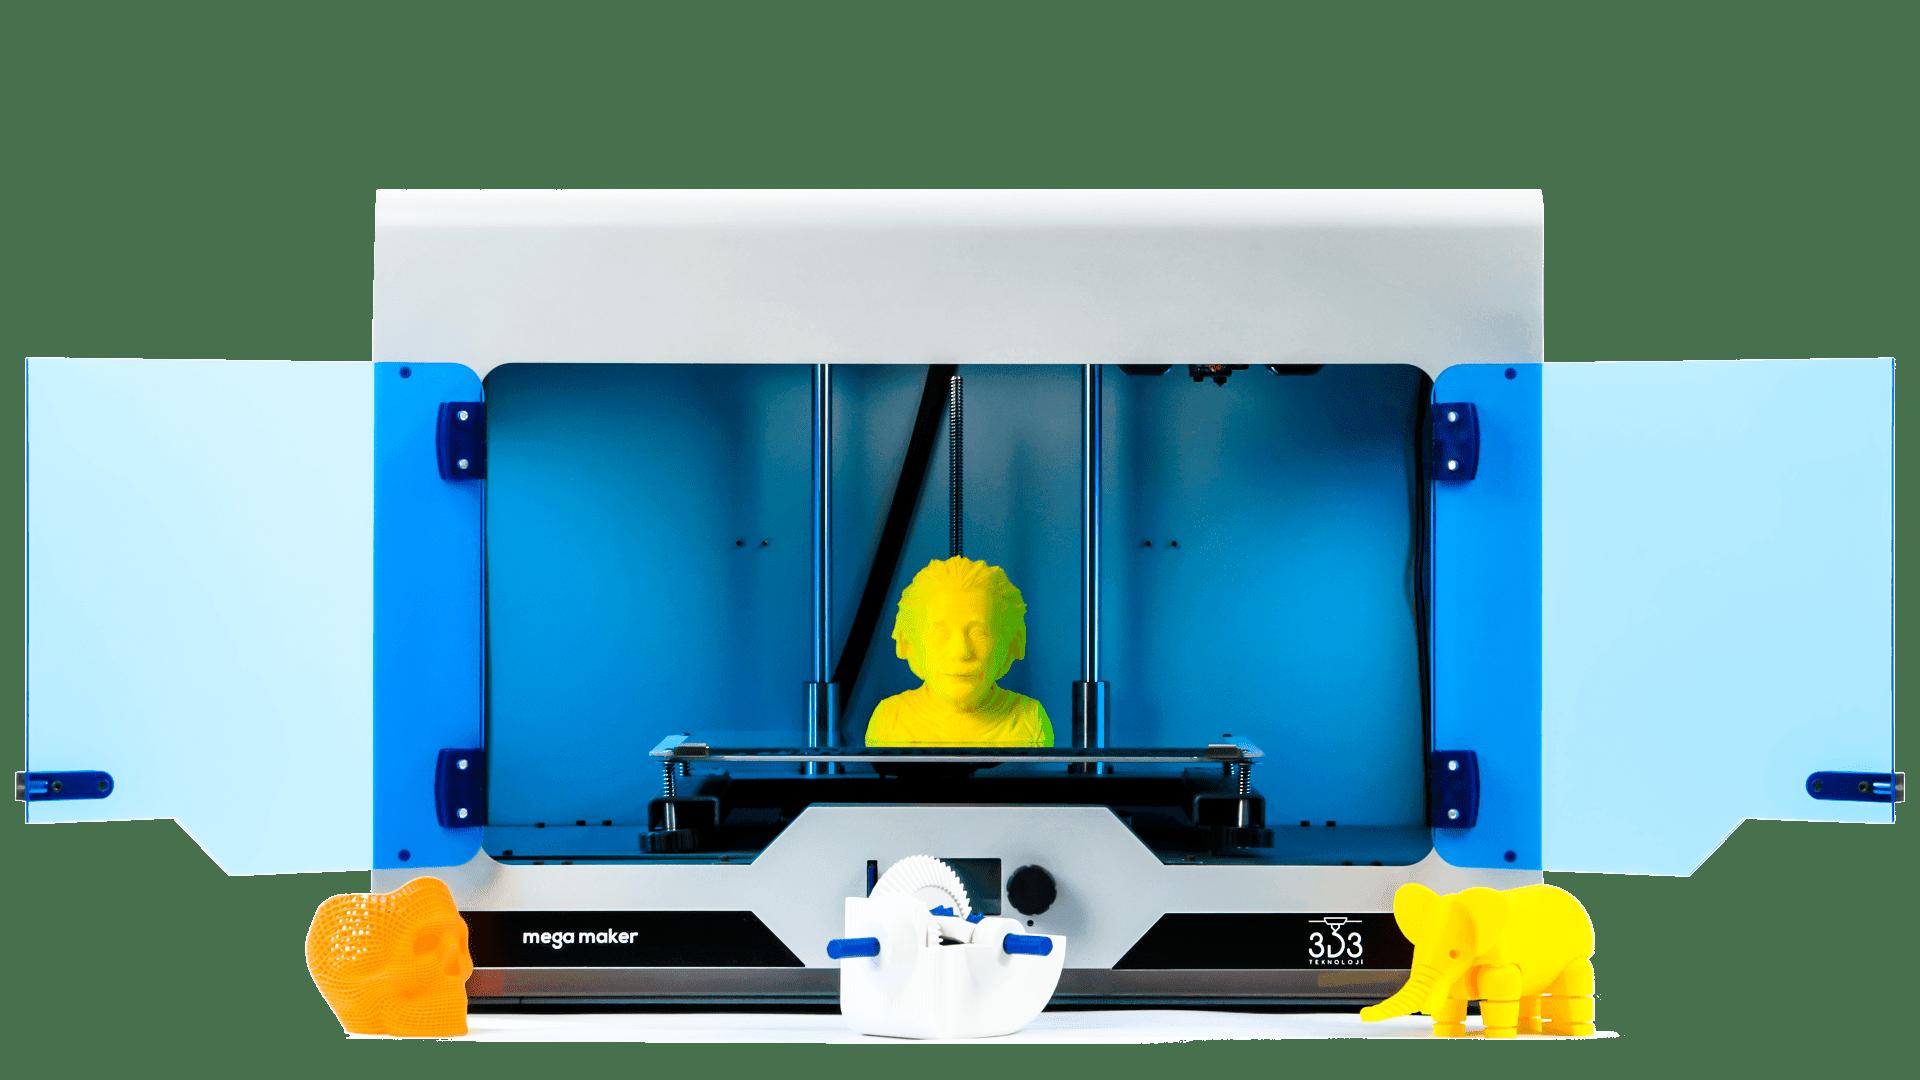 3D3 Teknoloji'nin kendi üretimi olan yerli 3d yazıcı megamaker